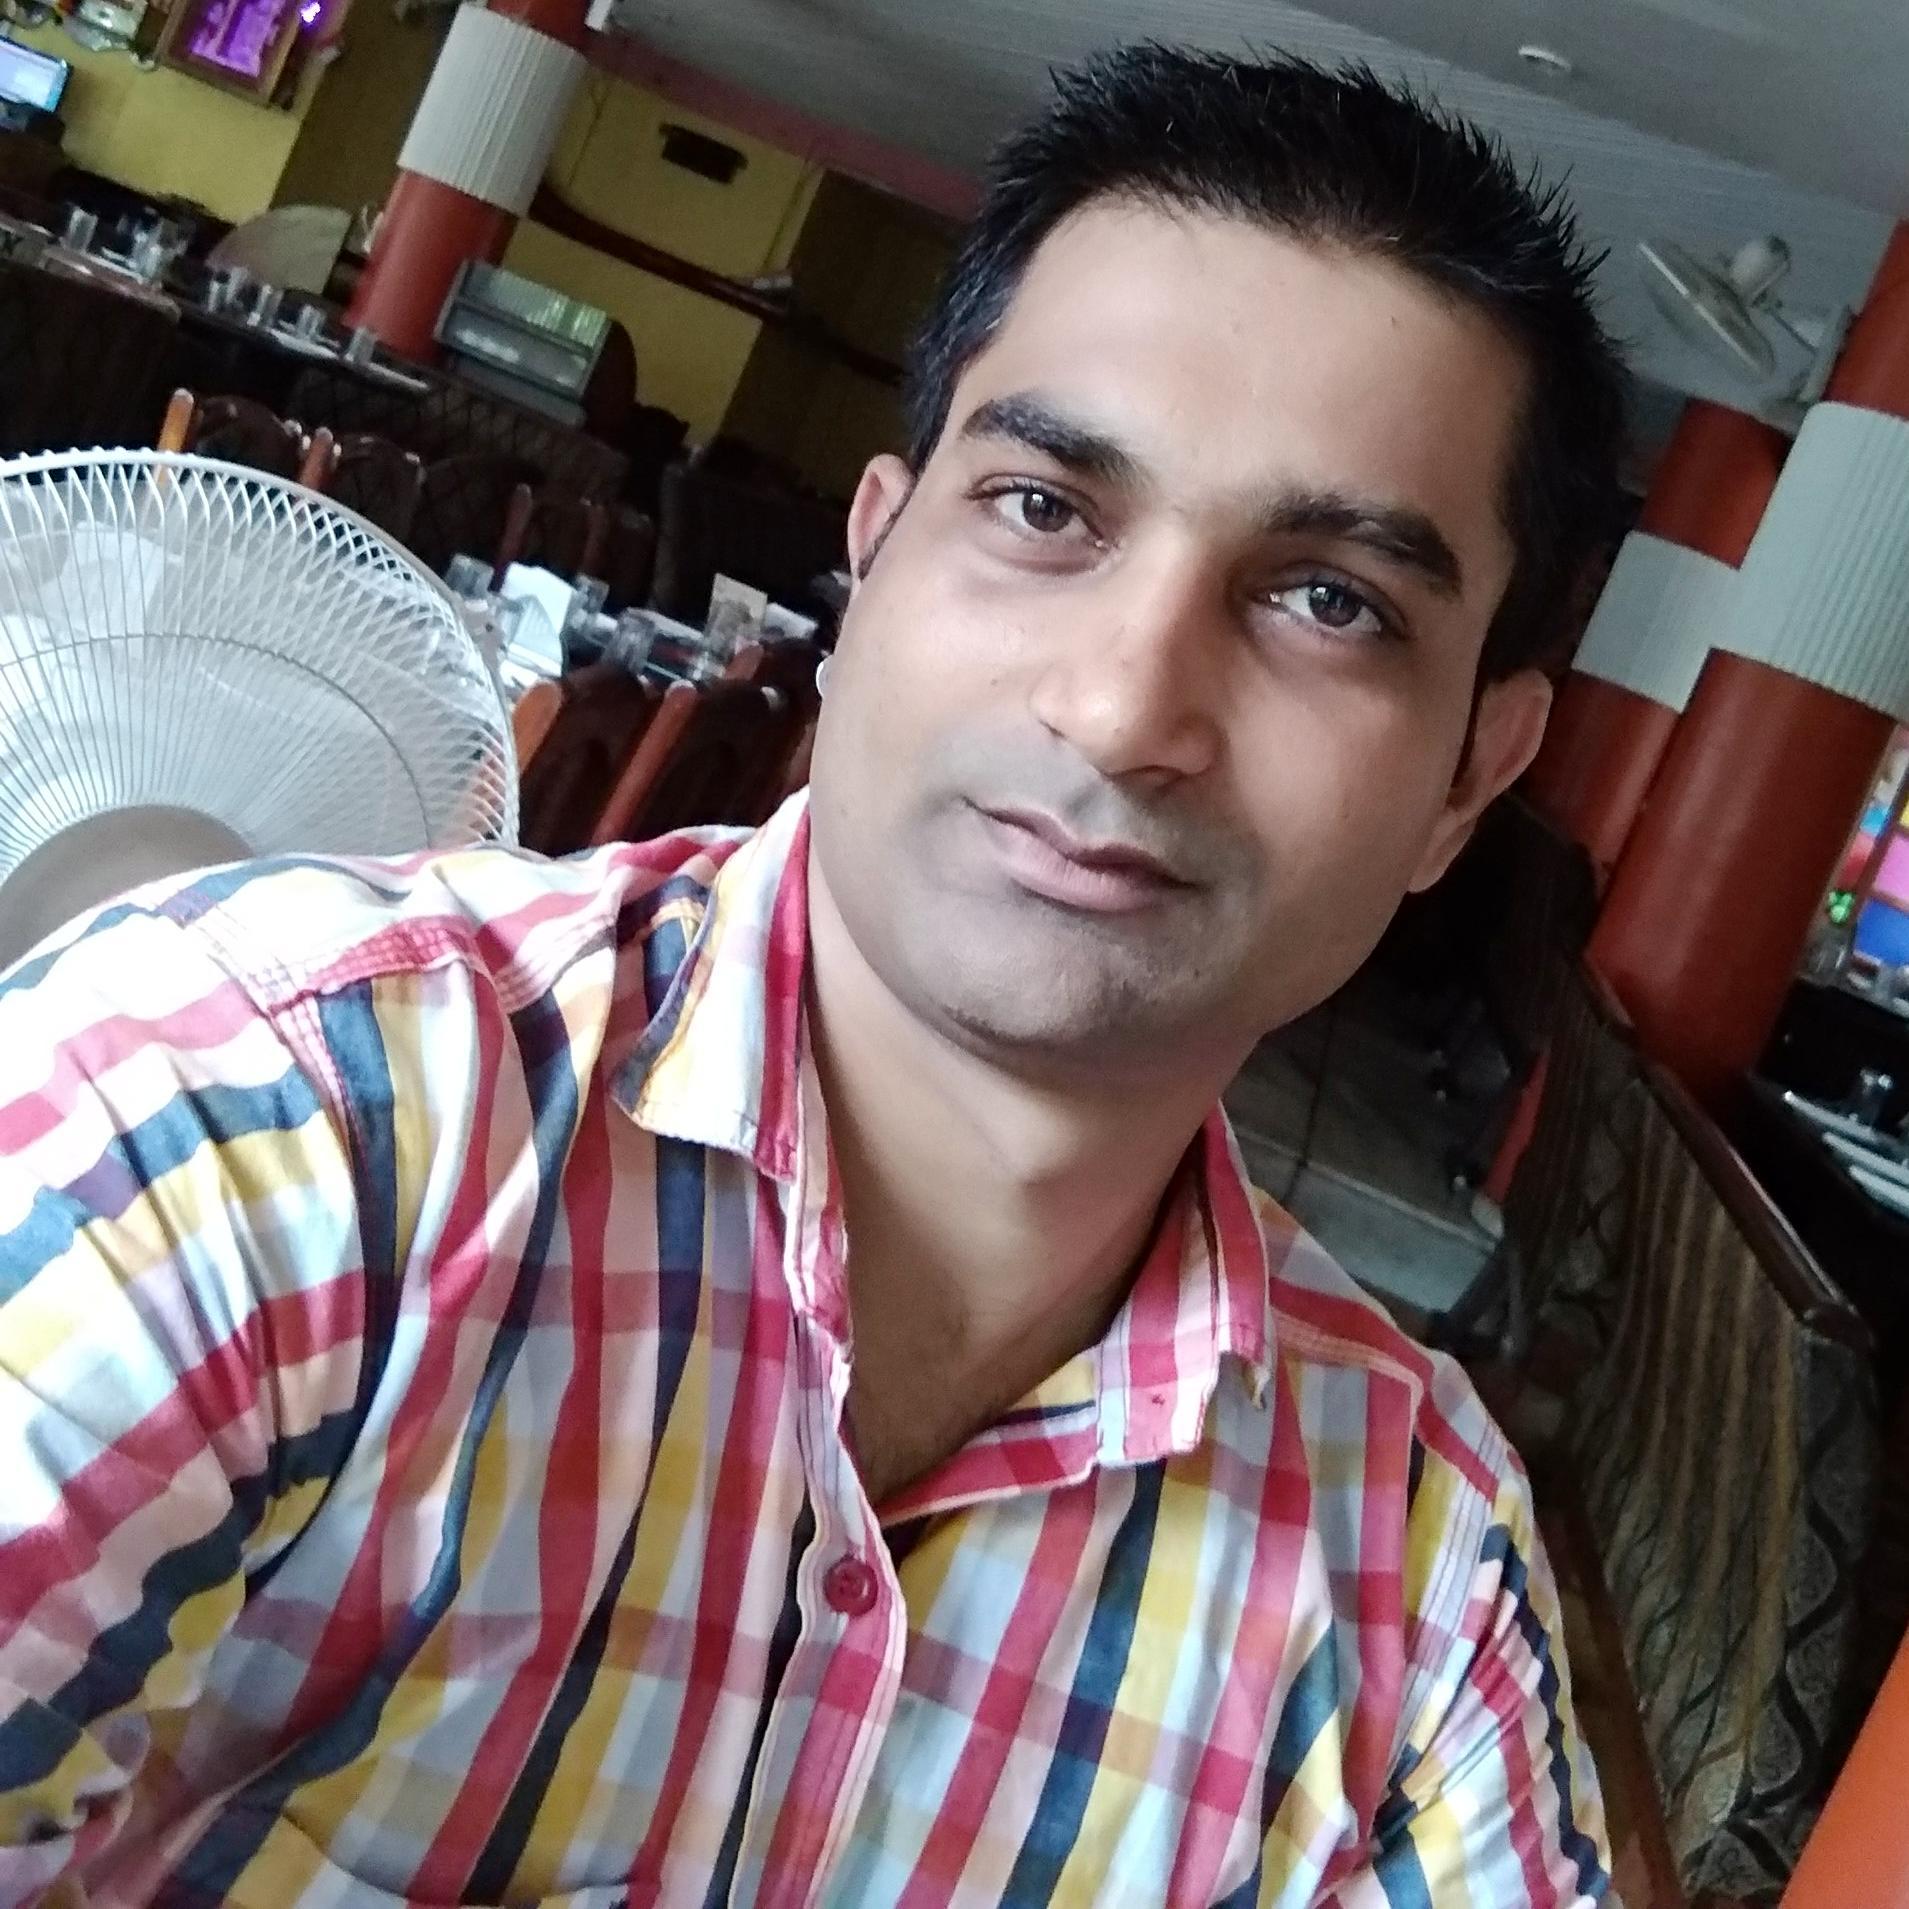 Prashant panwala